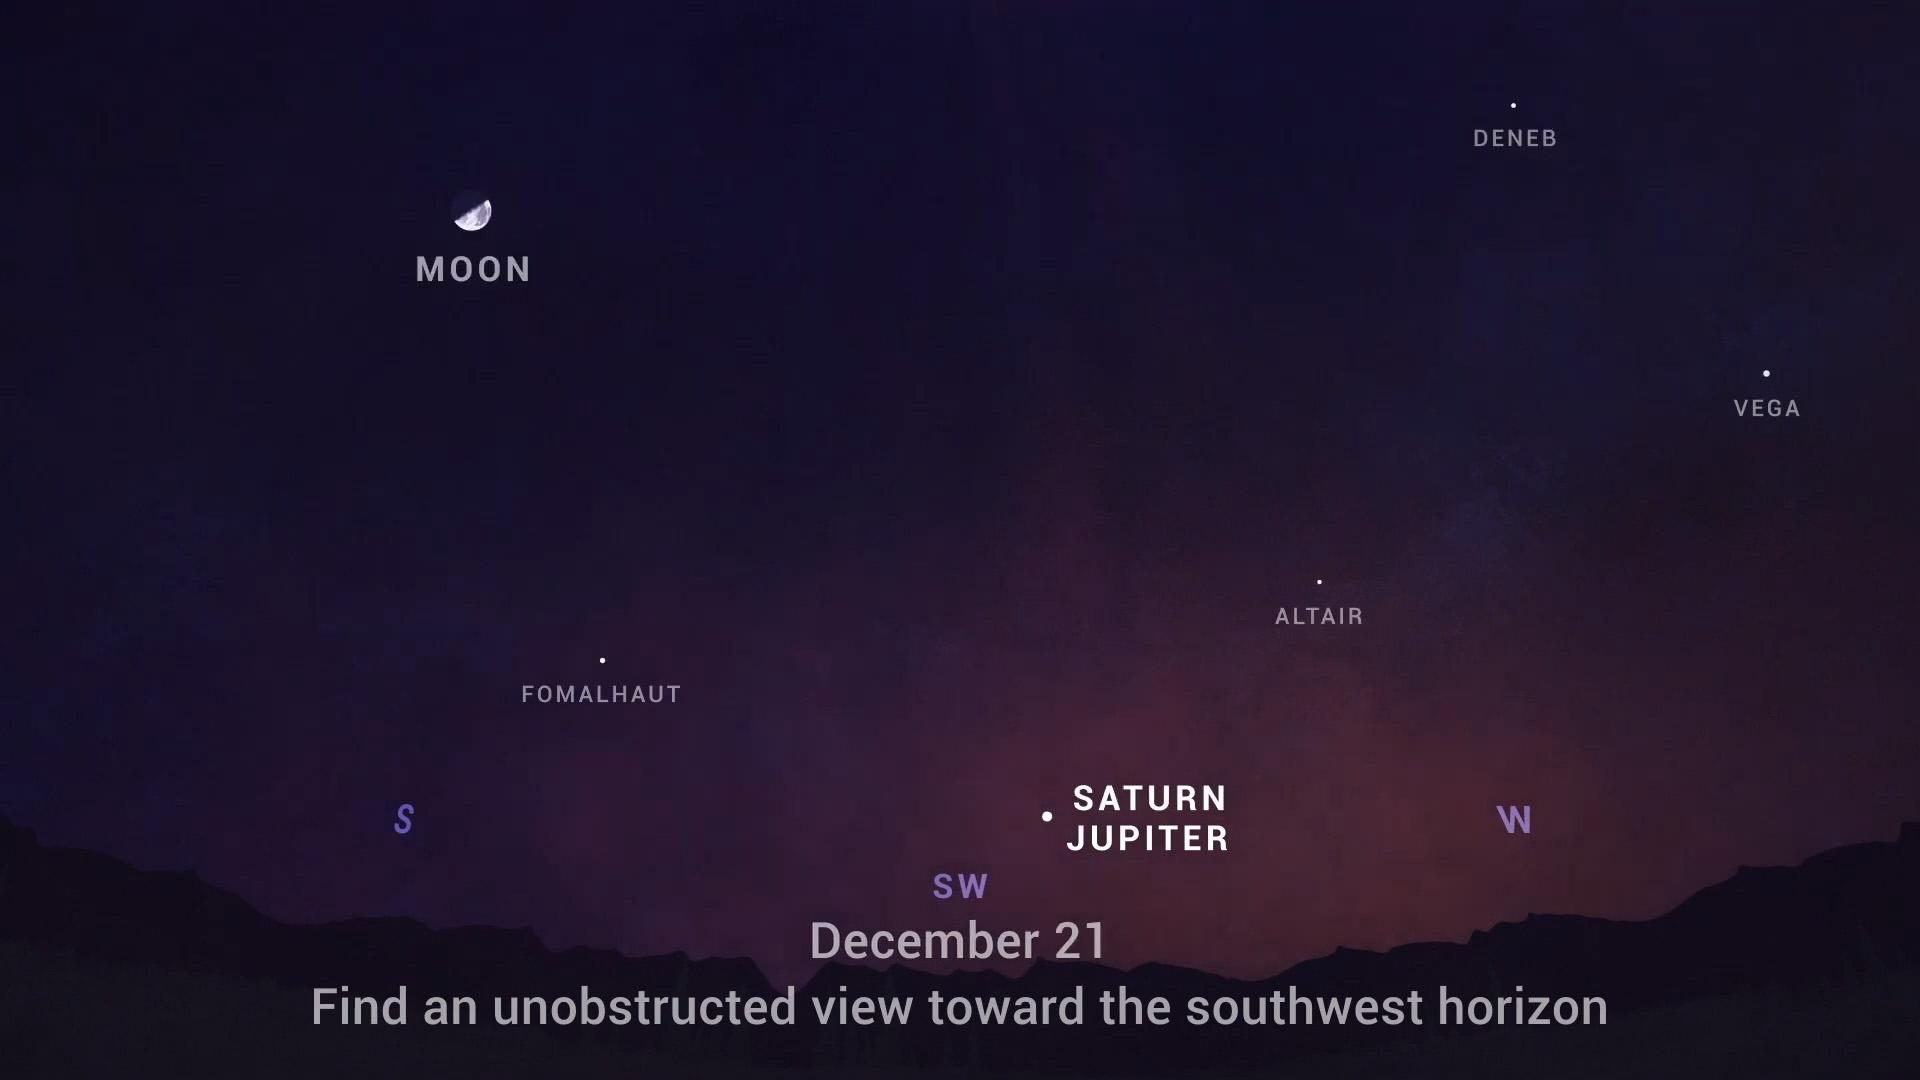 Le 21 décembre 2020, Jupiter et Saturne apparaîtront à seulement un dixième de degré l'un de l'autre, dans un événement connu sous le nom de